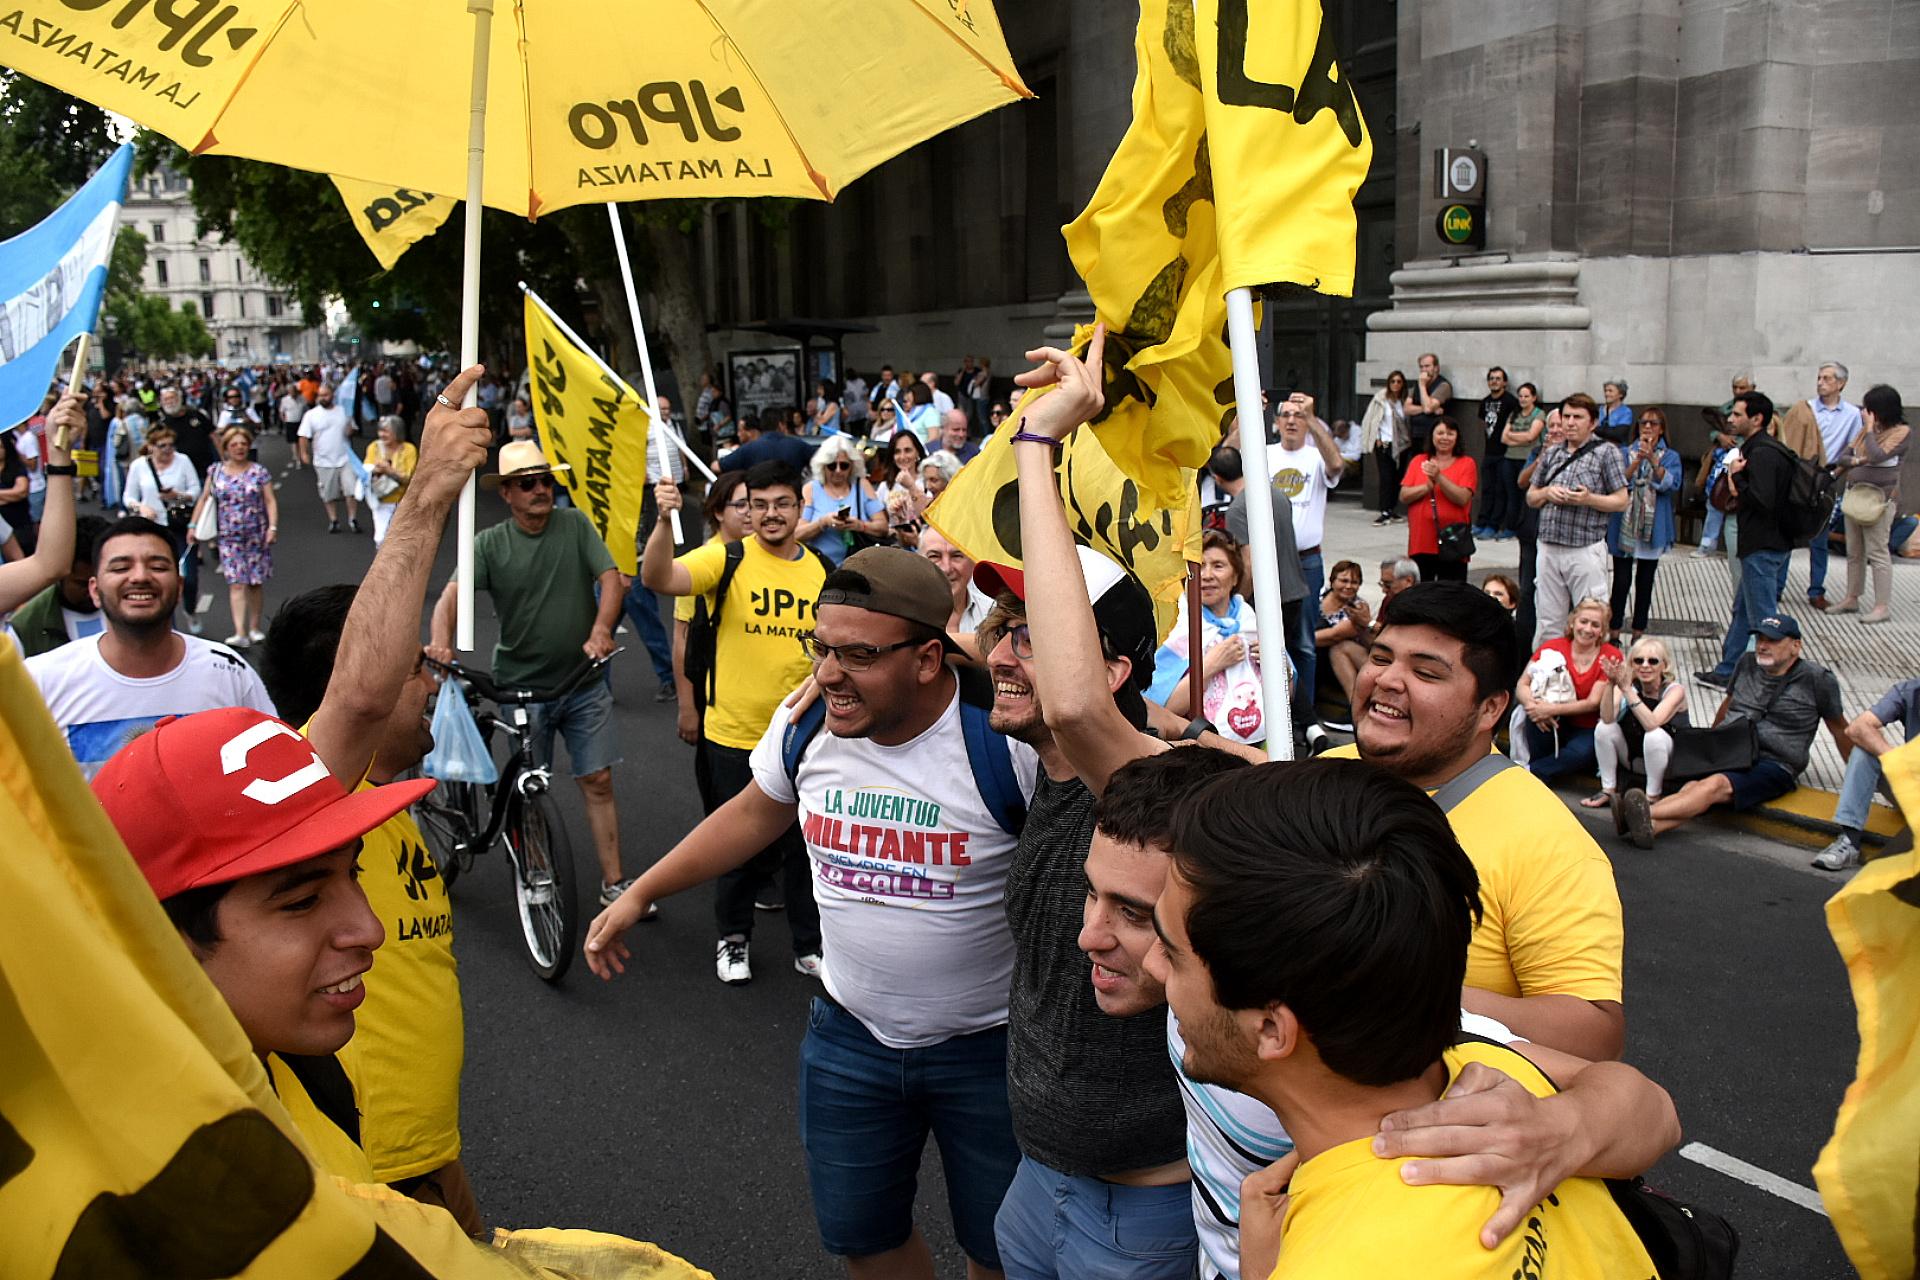 Con remeras partidarias, militantes de la juventud del PRO se acercaron al acto de despedida